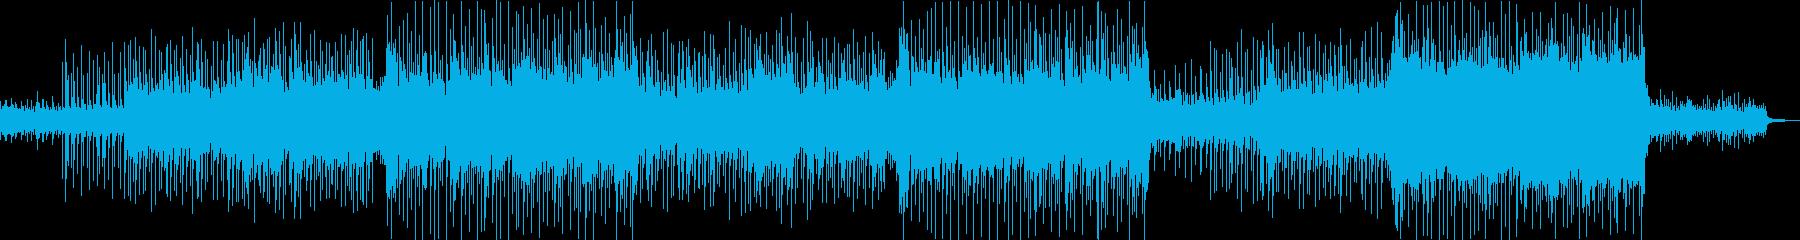 元気で活発なアコースティックギターポップの再生済みの波形